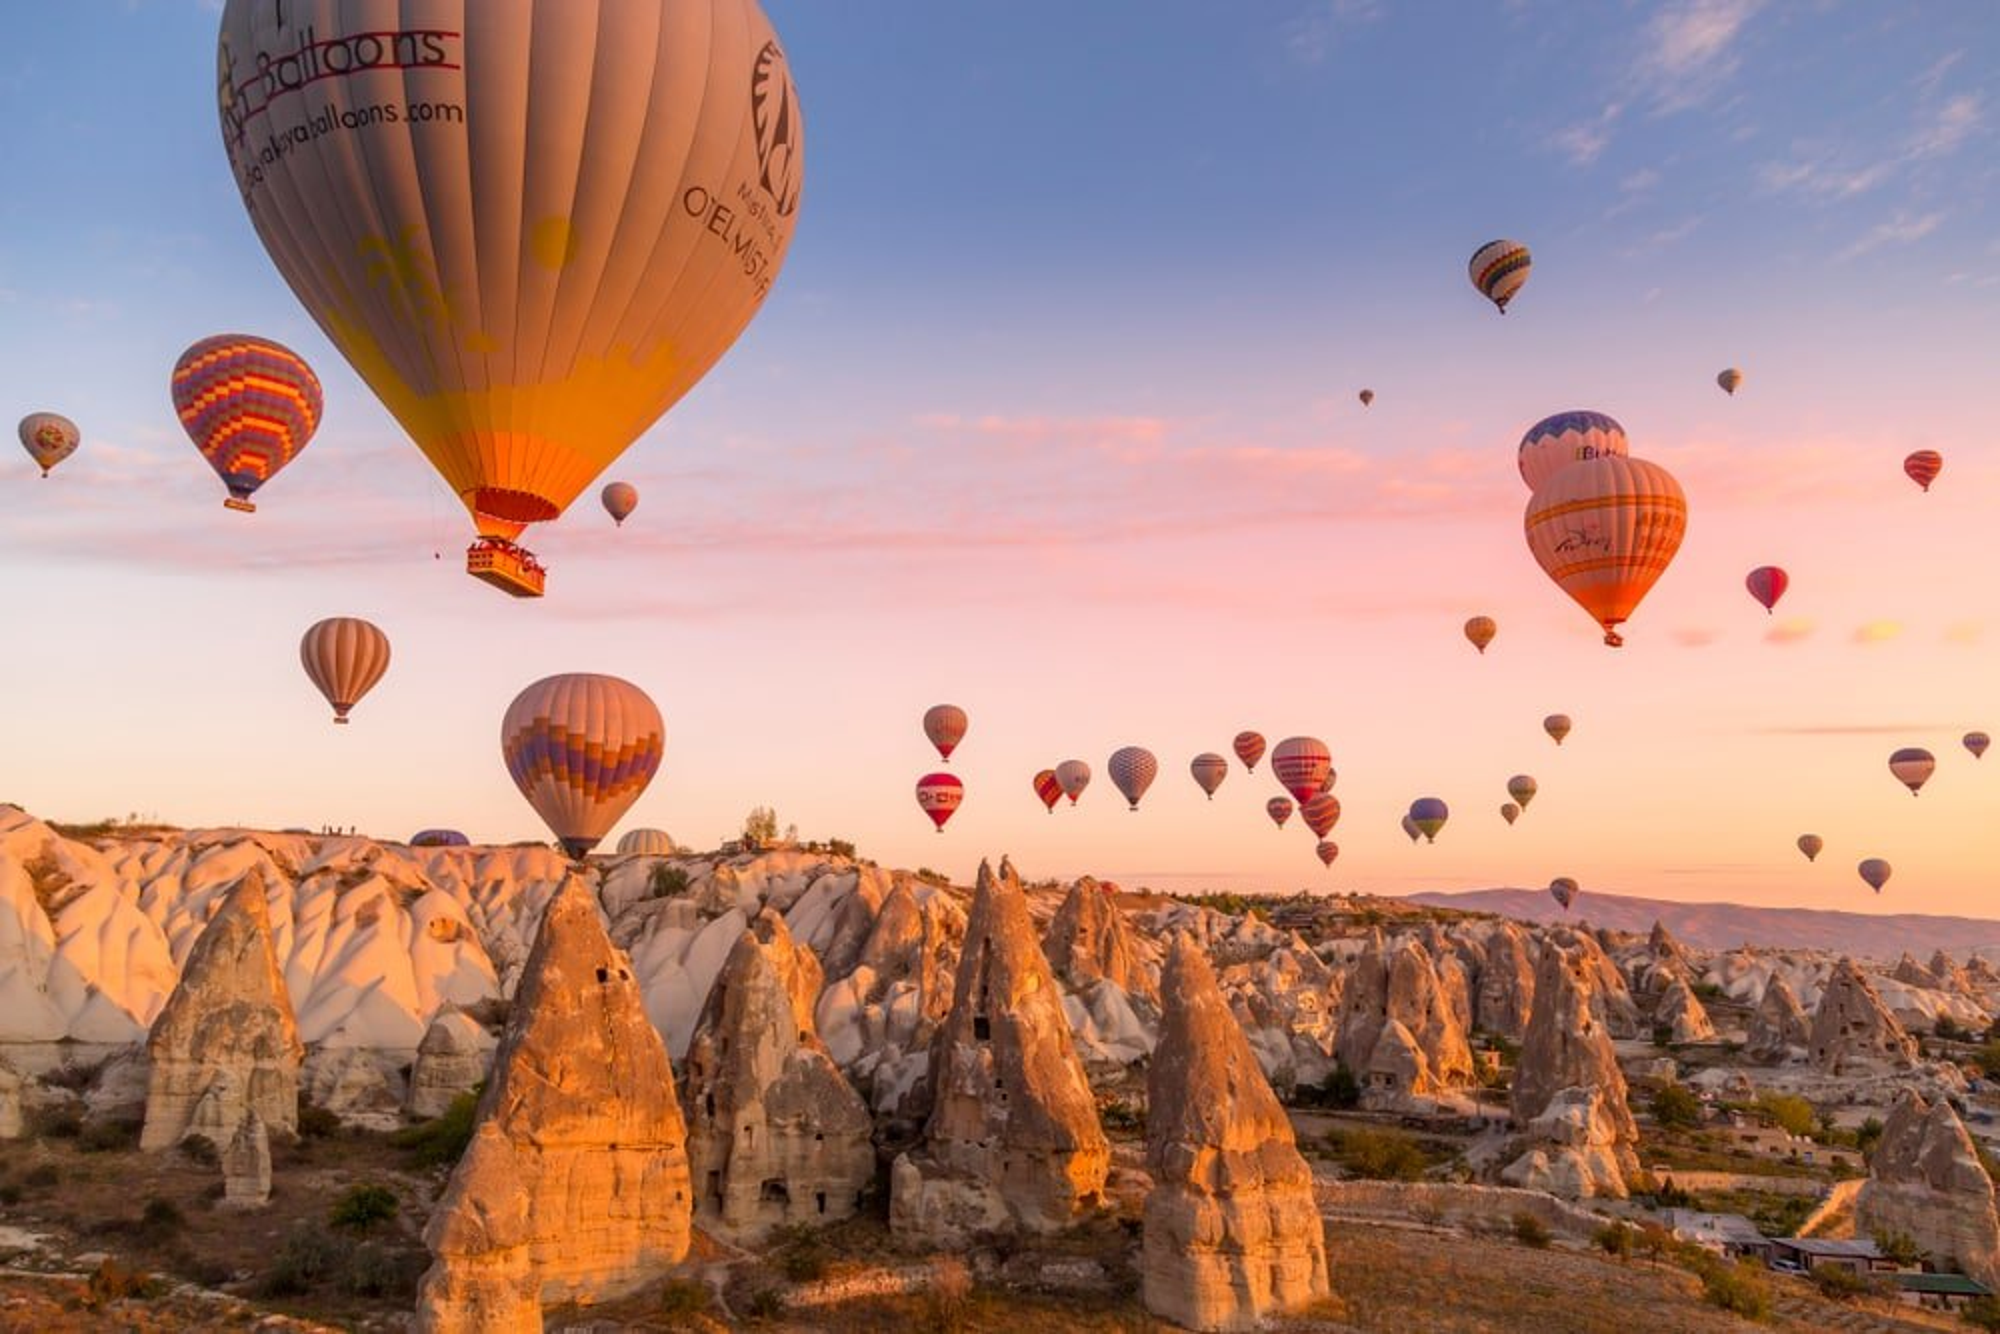 Cappadocia-turquie